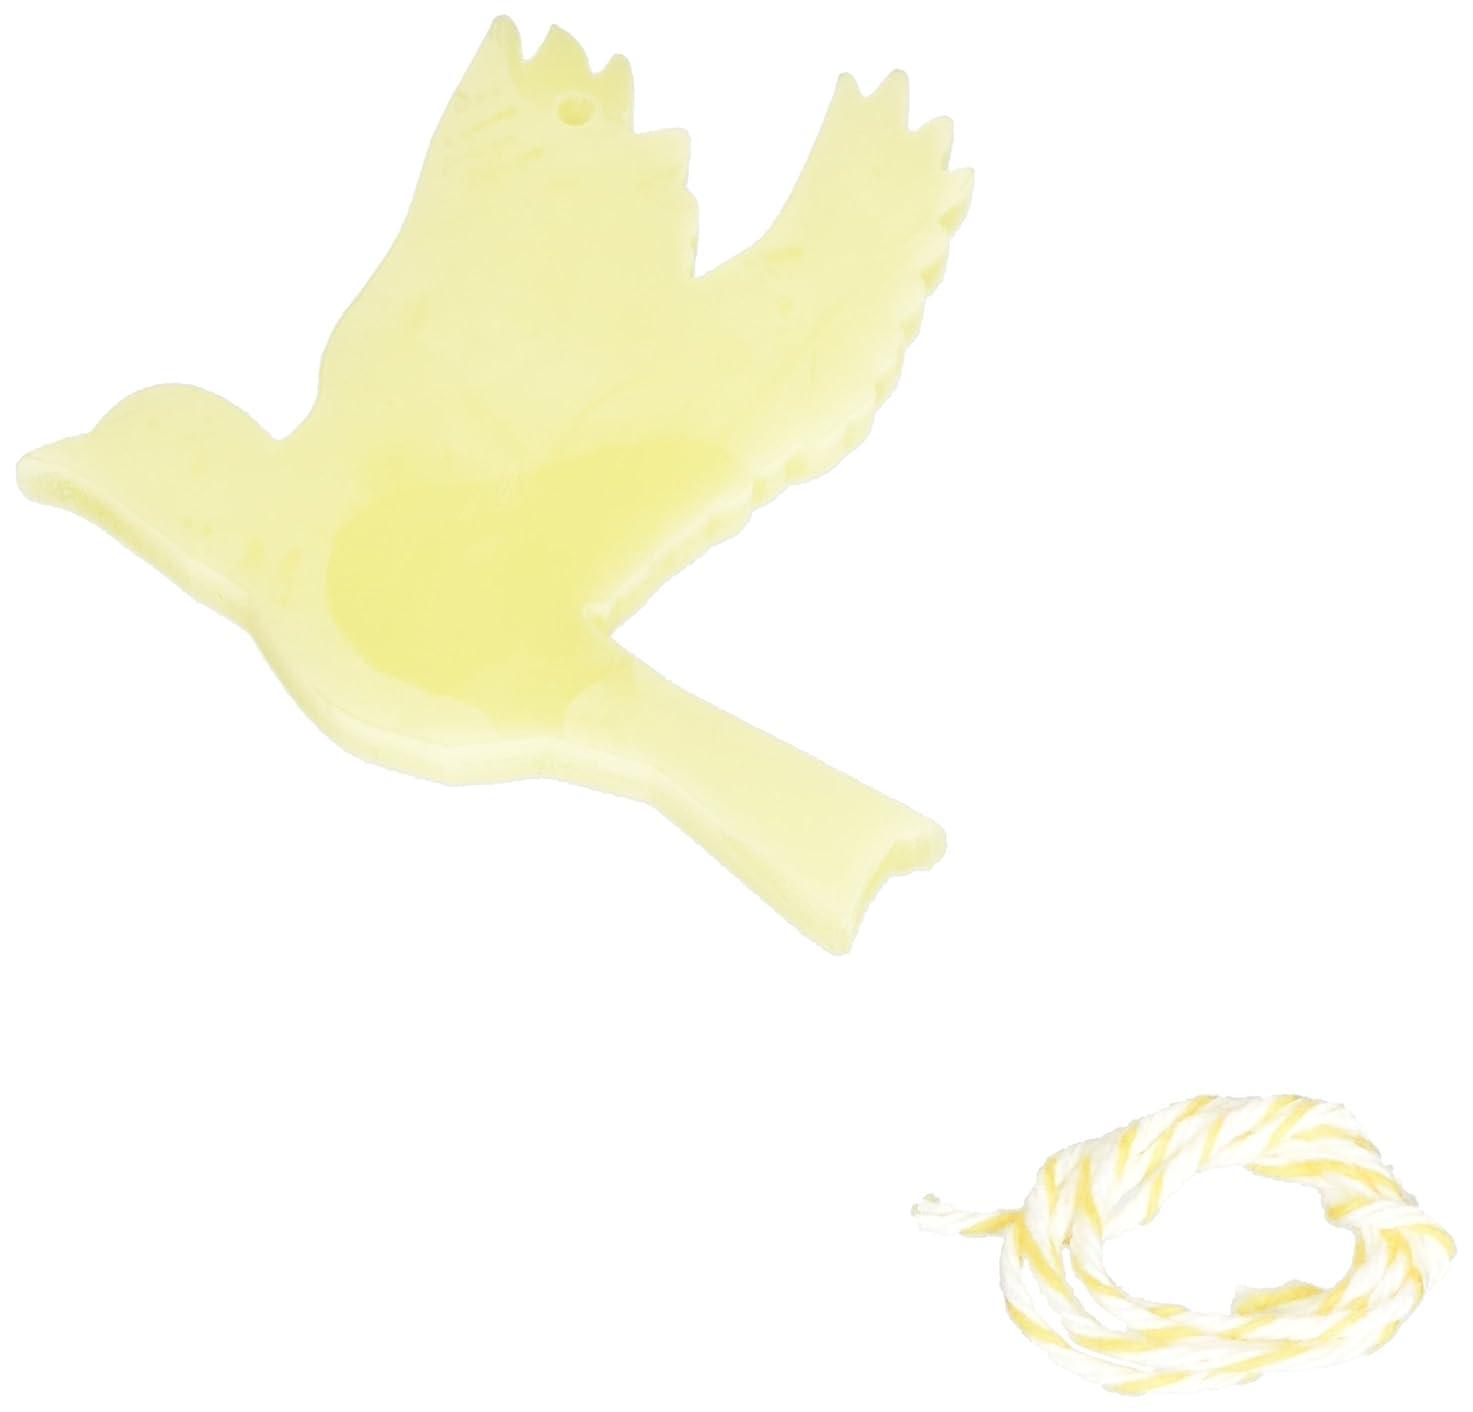 温室利益圧縮するGRASSE TOKYO AROMATICWAXチャーム「ハト」(YE) ベルガモット アロマティックワックス グラーストウキョウ